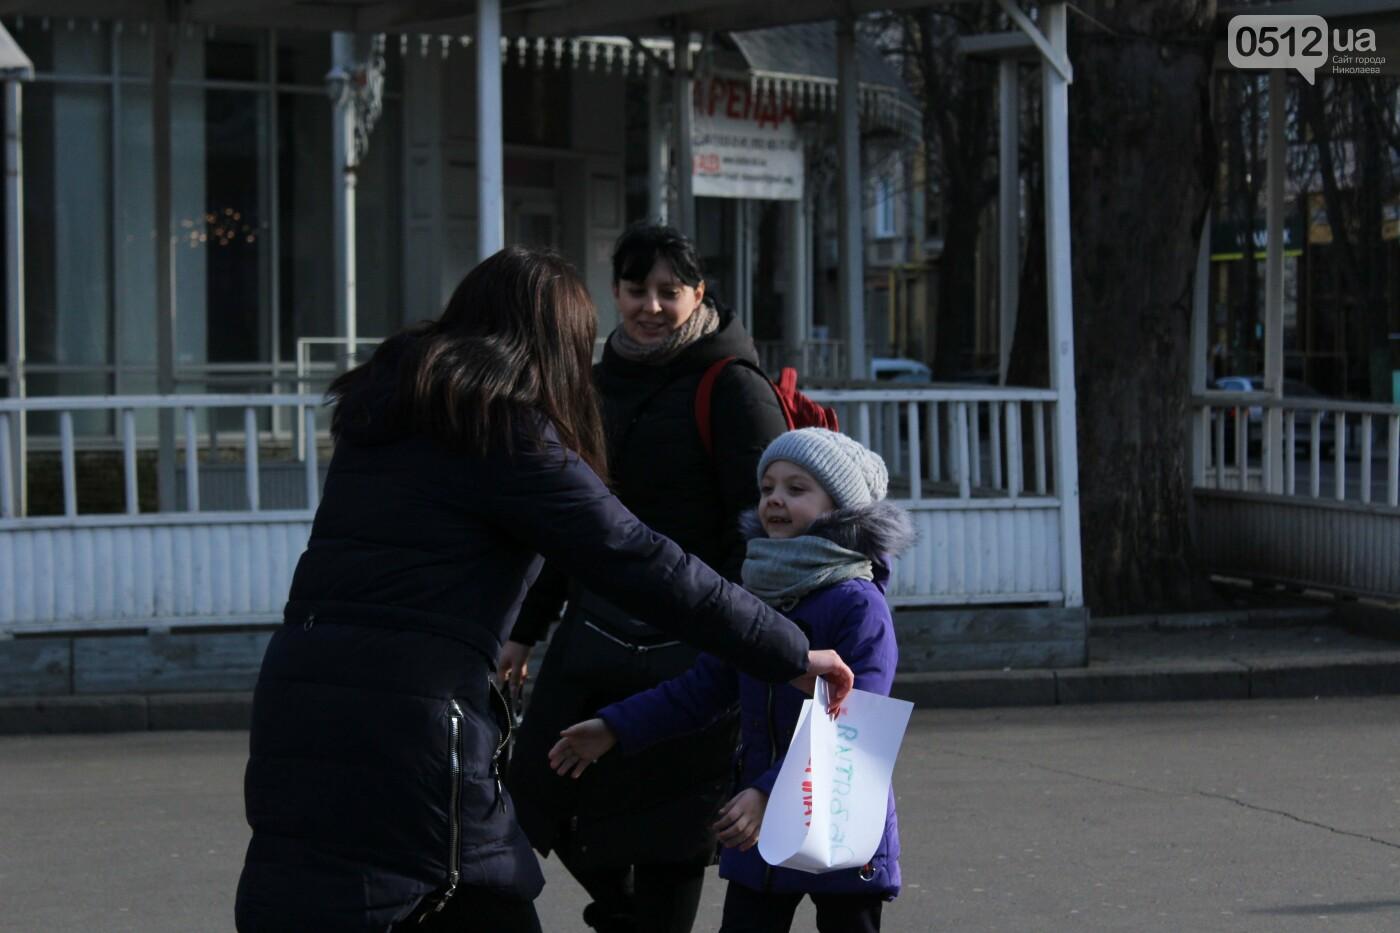 Всемирный день объятий: николаевские журналисты решили порадовать случайных прохожих, - ФОТО, фото-19